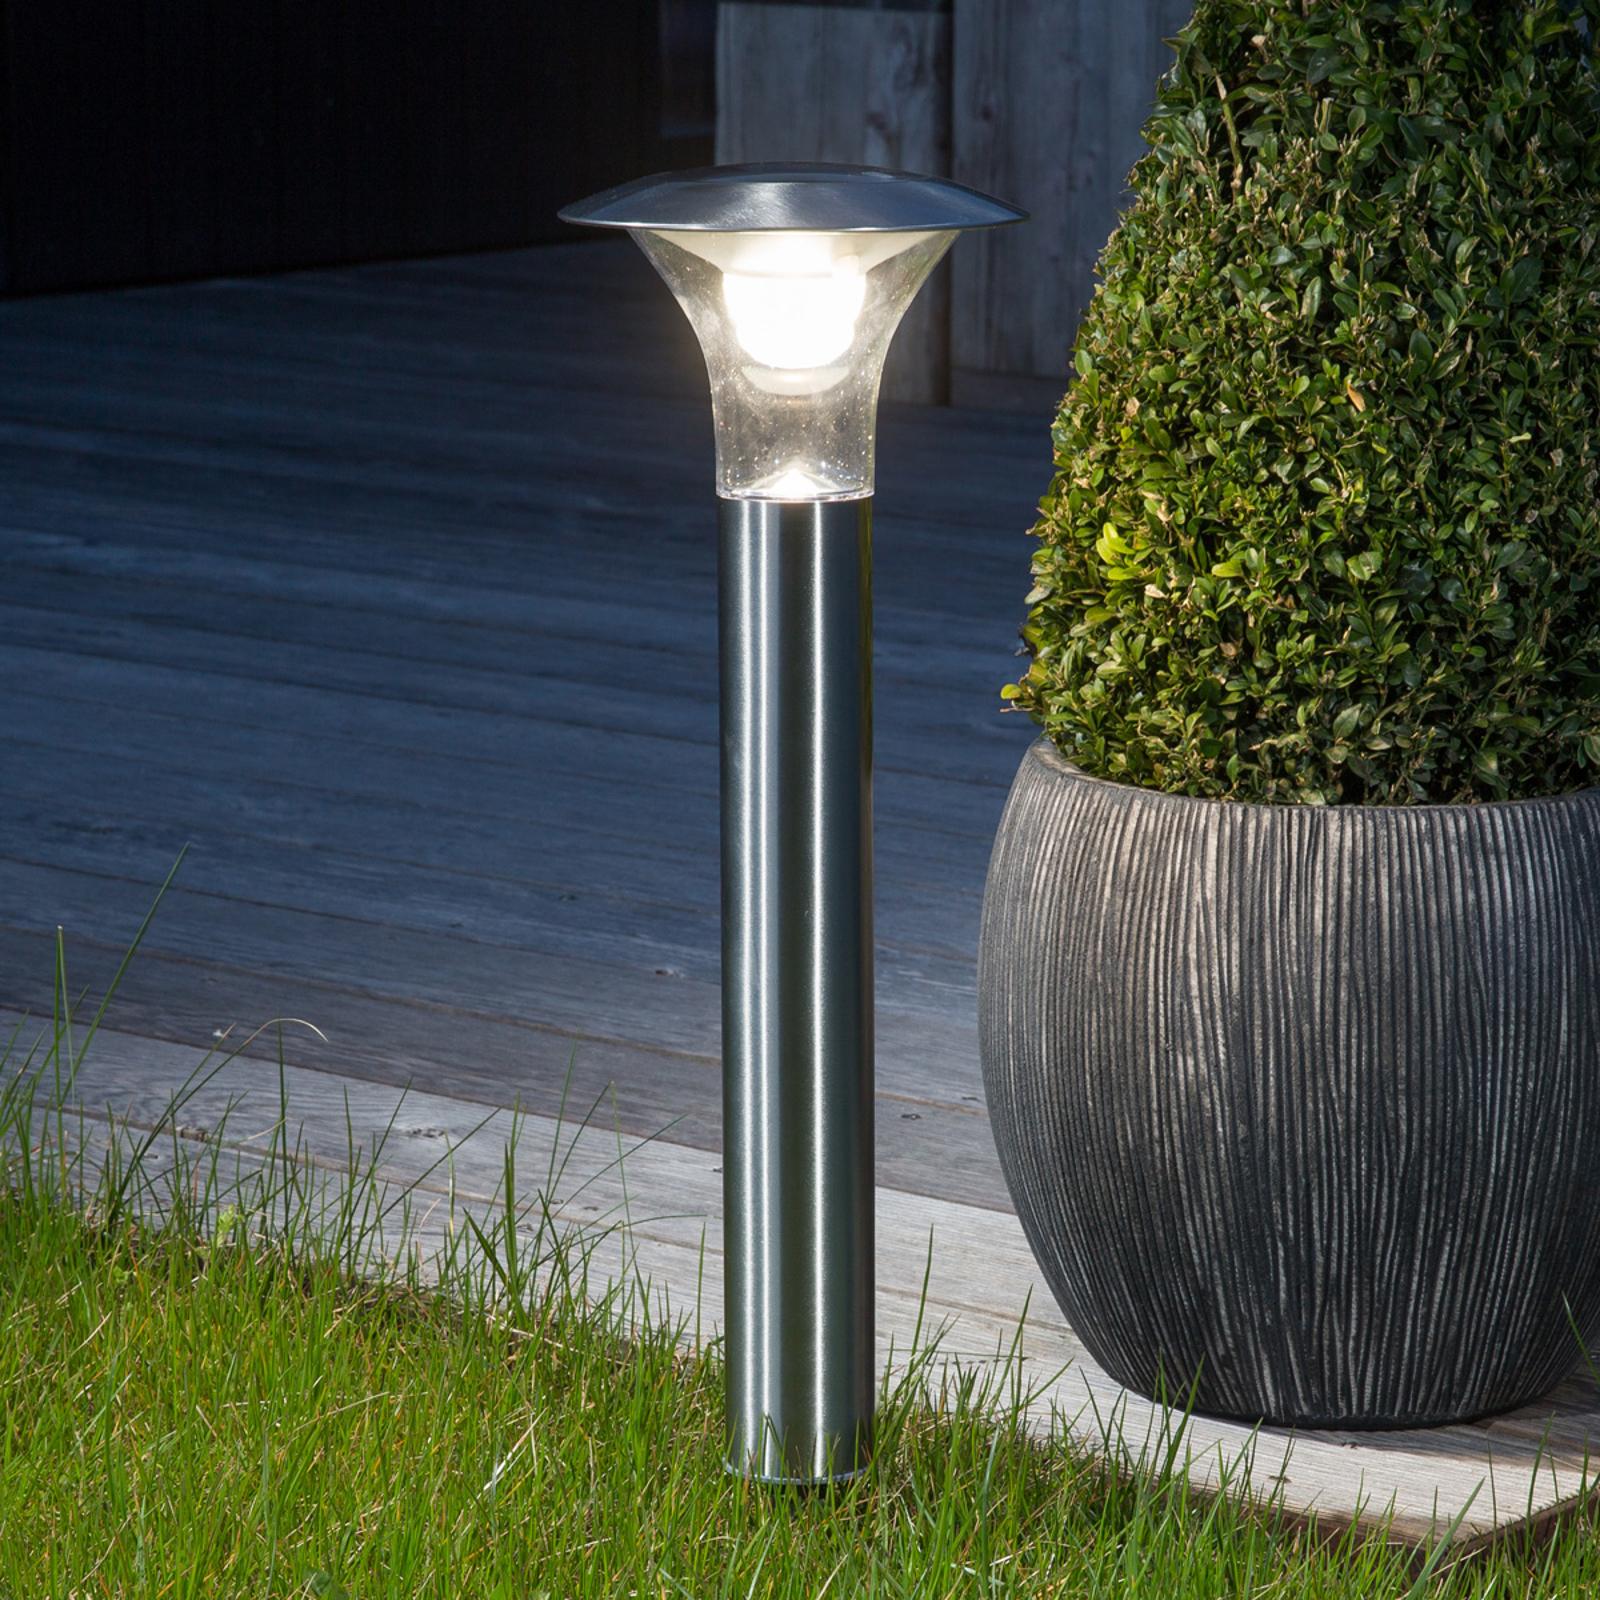 Erdspießleuchte Jolin mit LED, solarbetrieben